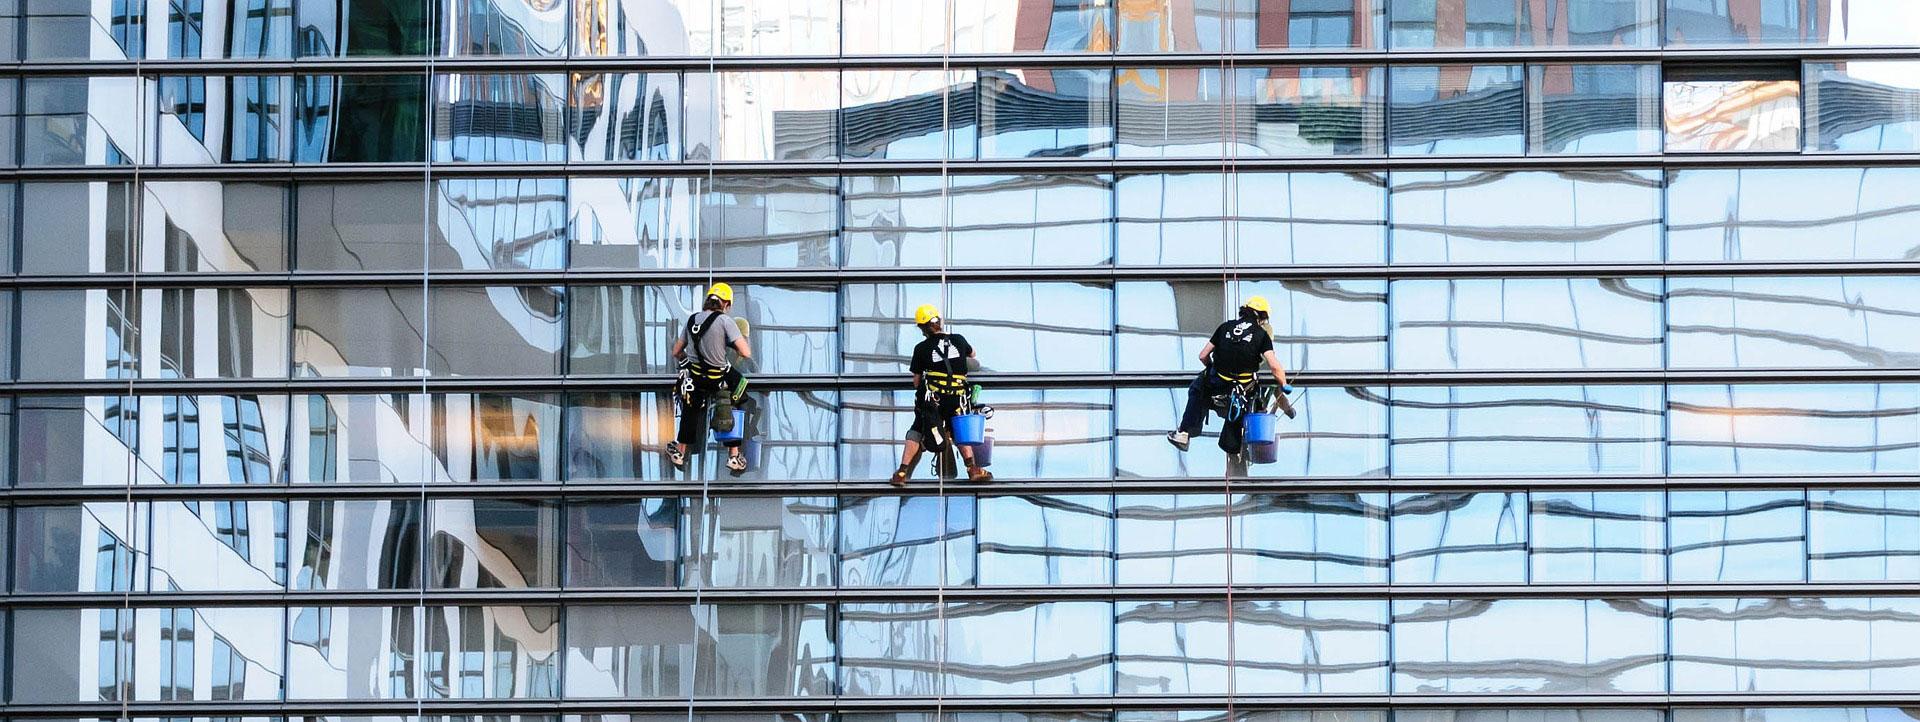 glass-facade-817732_1920